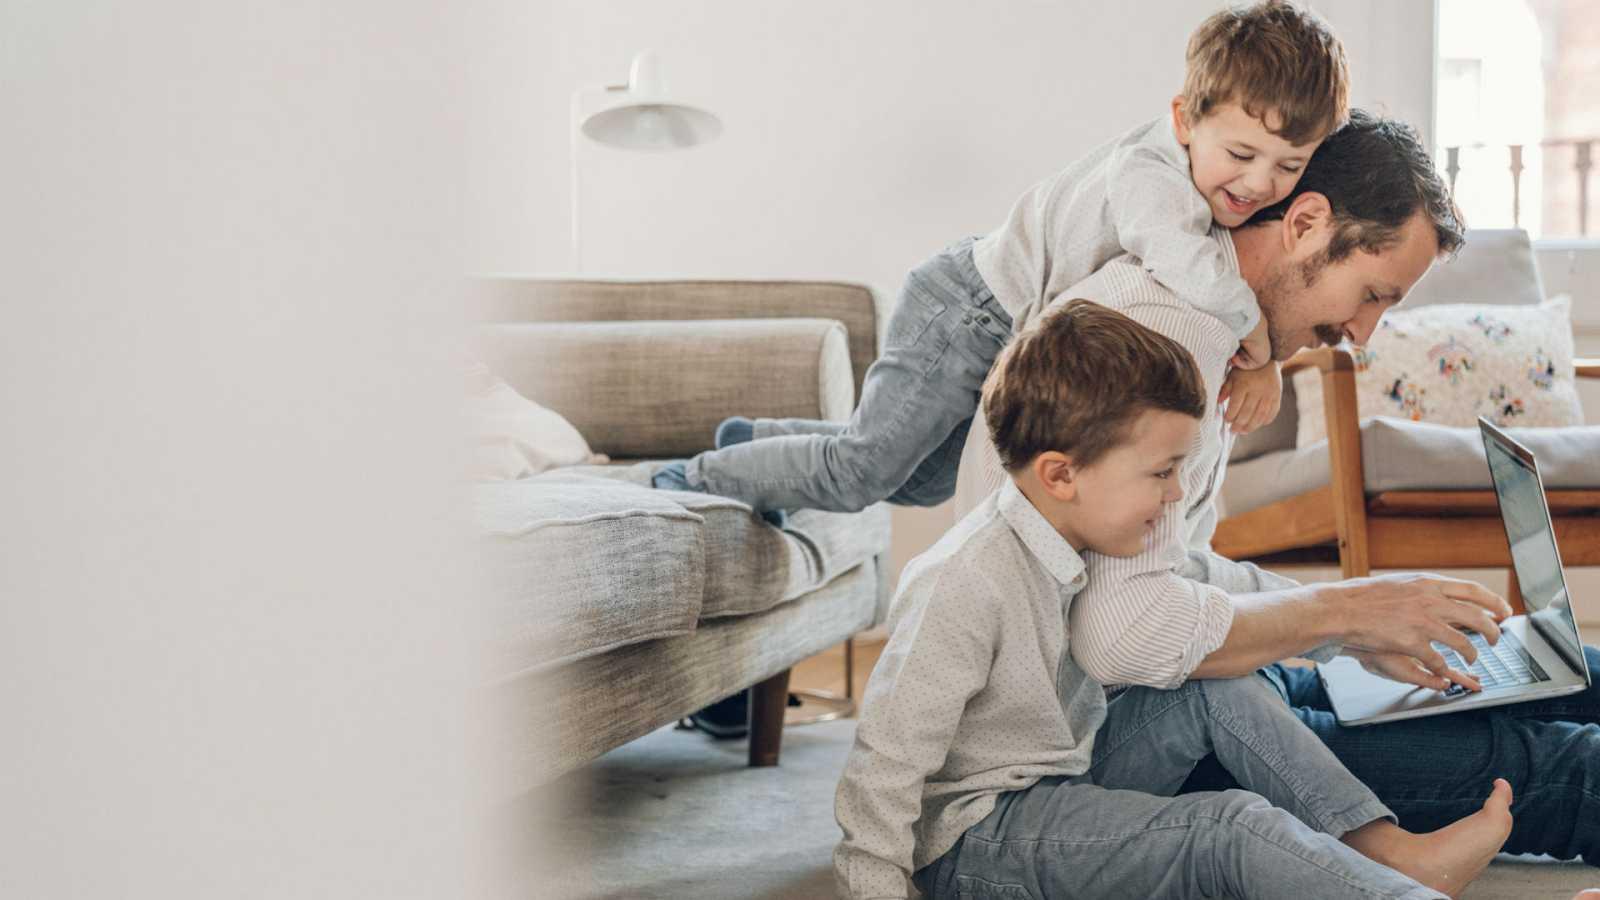 Mamas y papas - Coronavirus: el enfermo está en la familia - 03/05/20 - escuchar ahora